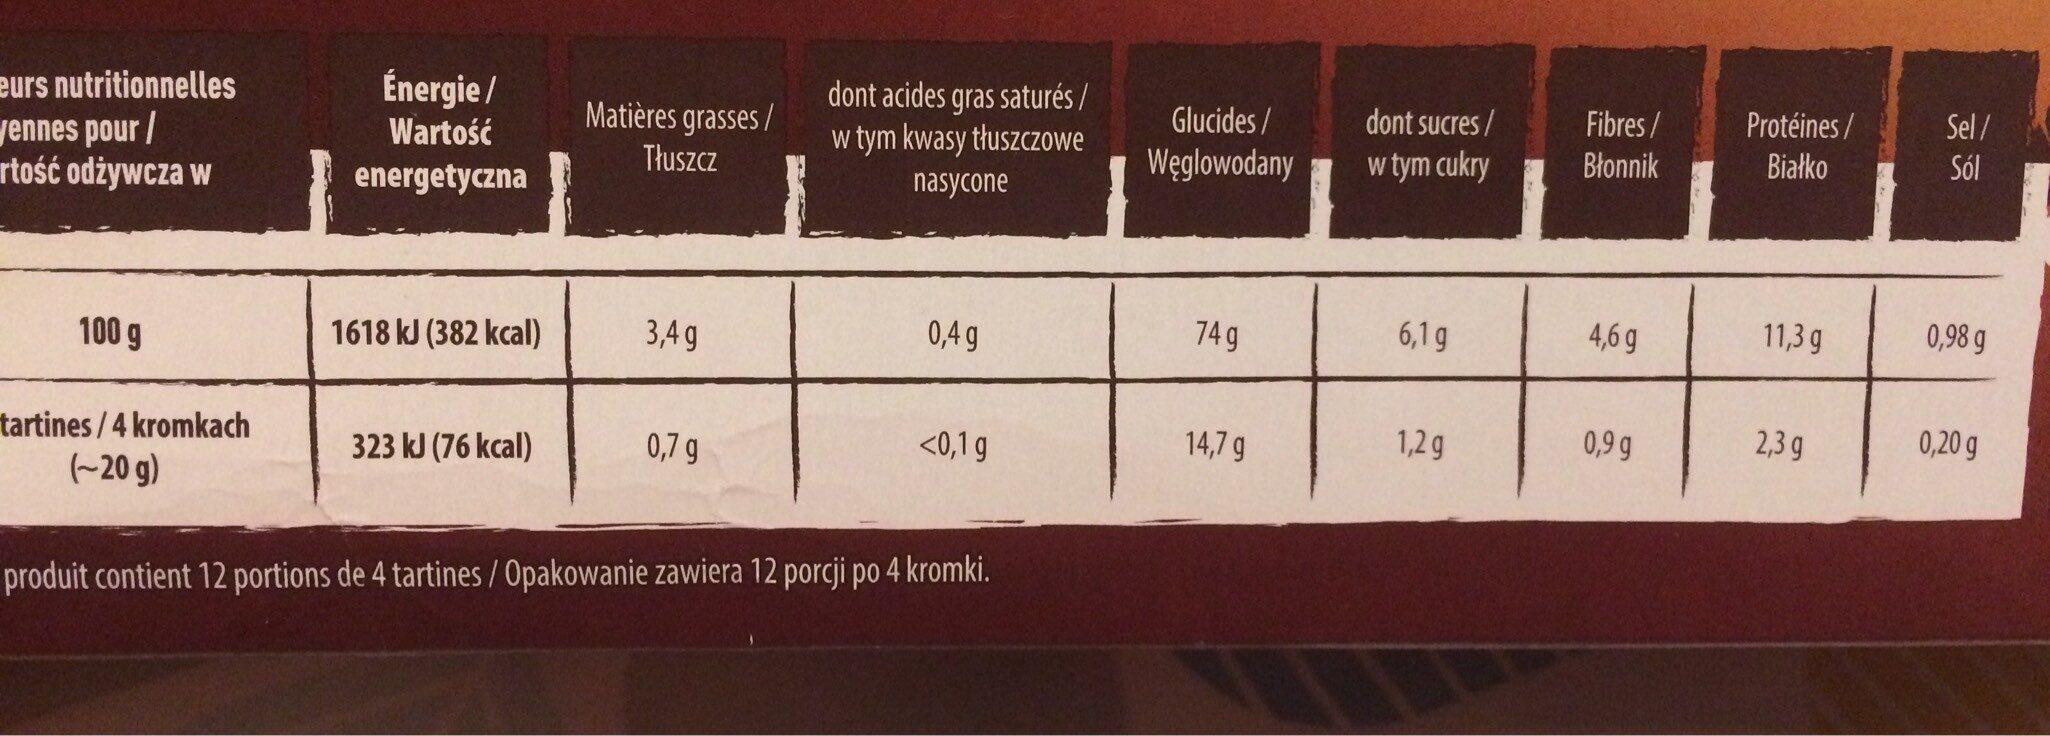 Tartines craquantes blé complet - Wartości odżywcze - fr